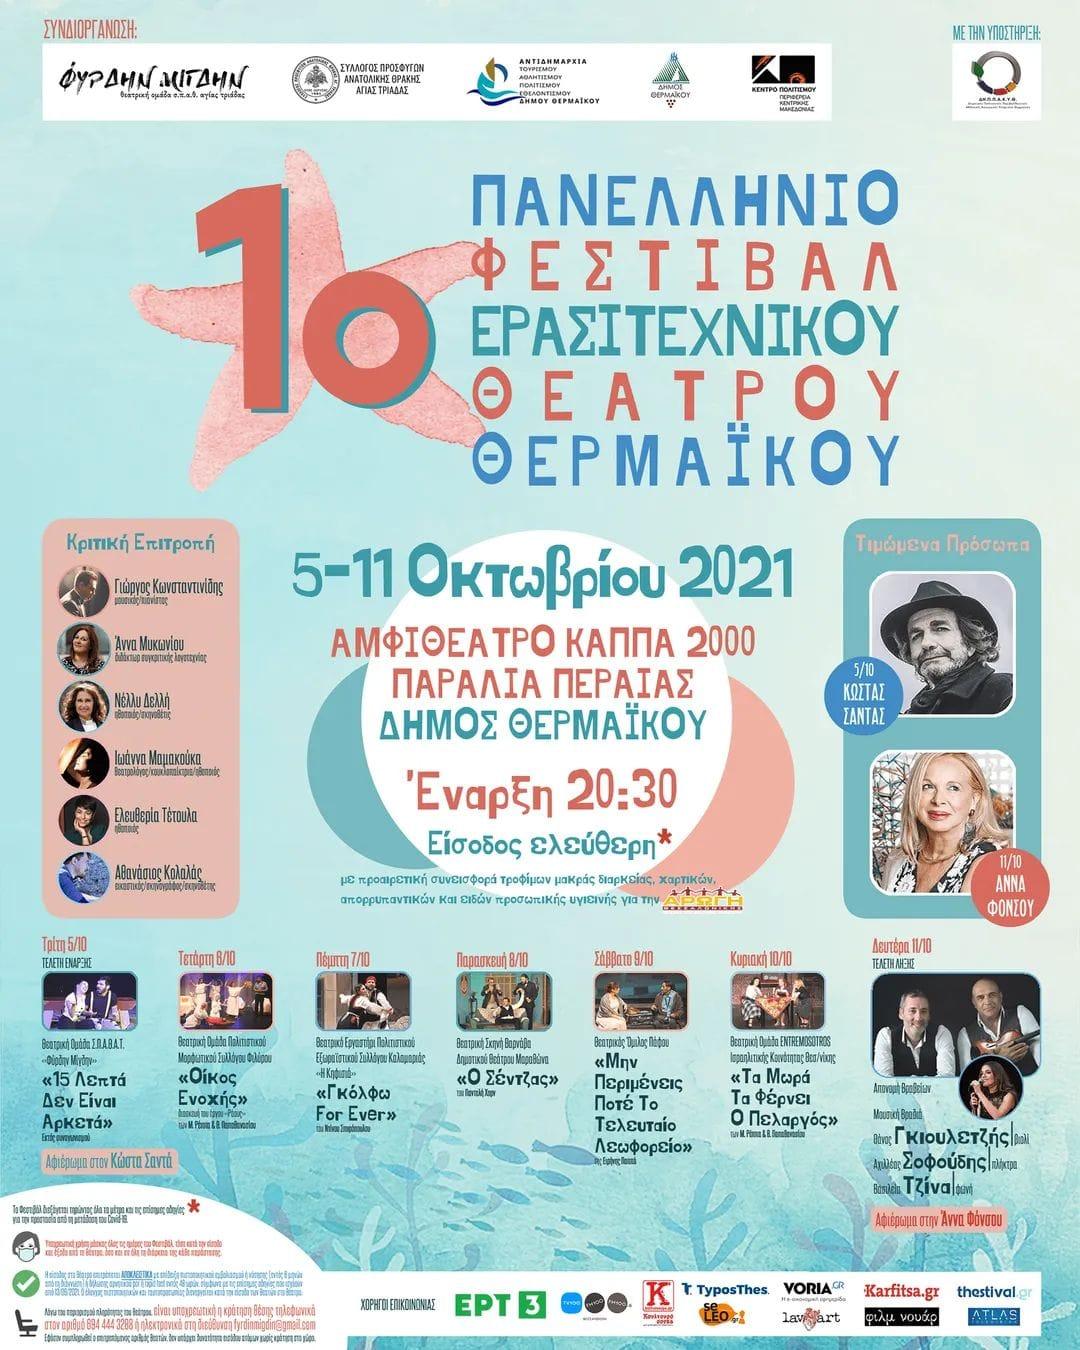 Το σποτάκι του 1ου Πανελλήνιου Φεστιβάλ Ερασιτεχνικού Θεάτρου Θερμαϊκού (ΒΙΝΤΕΟ)